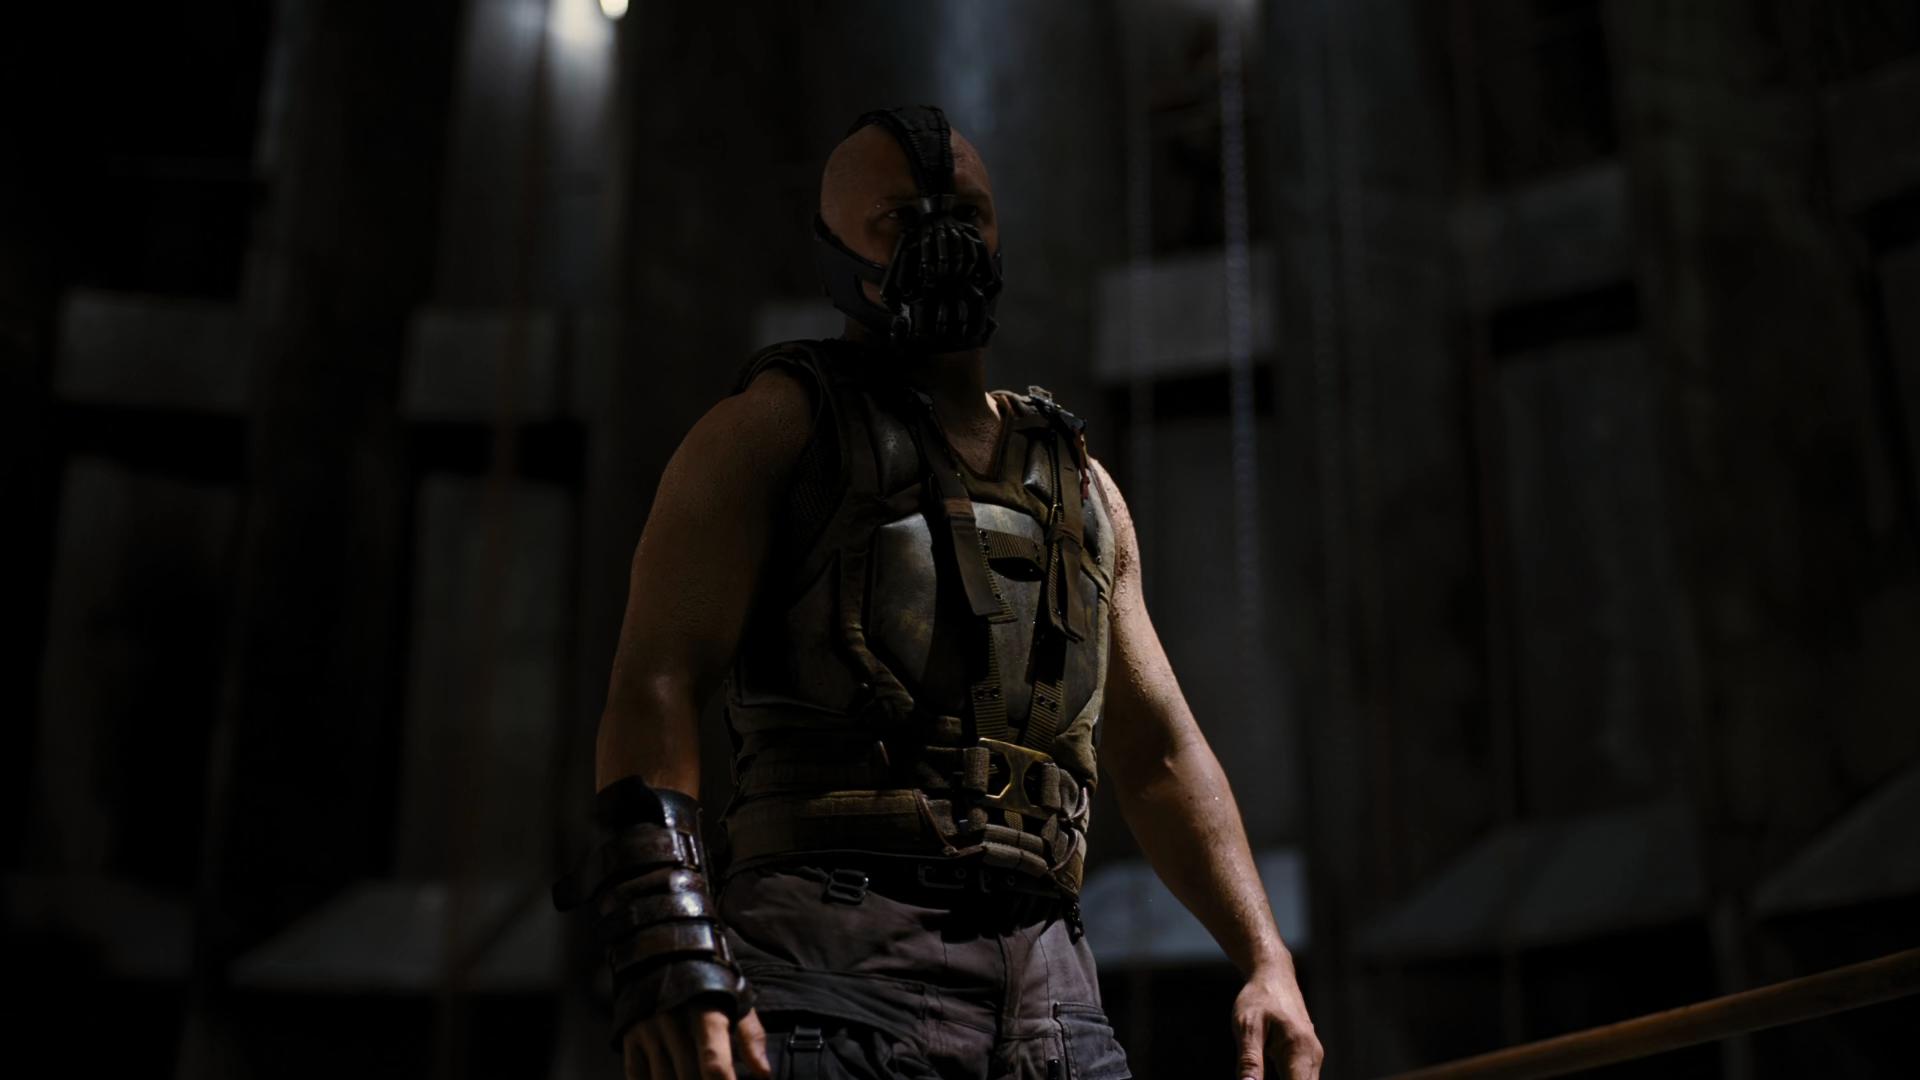 Captura de Batman: El Caballero de la Noche Asciende (2012) IMAX 1080p x265 HEVC Latino – Inglés